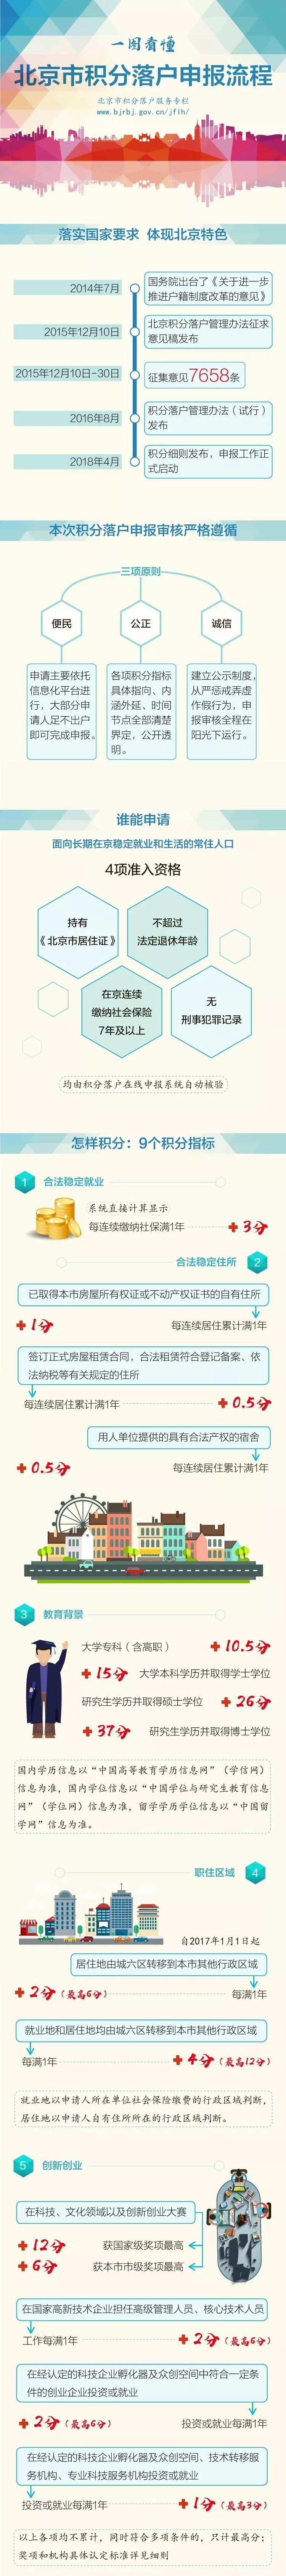 北京积分落户4个资格条件缺一不可!一图读懂申报流程